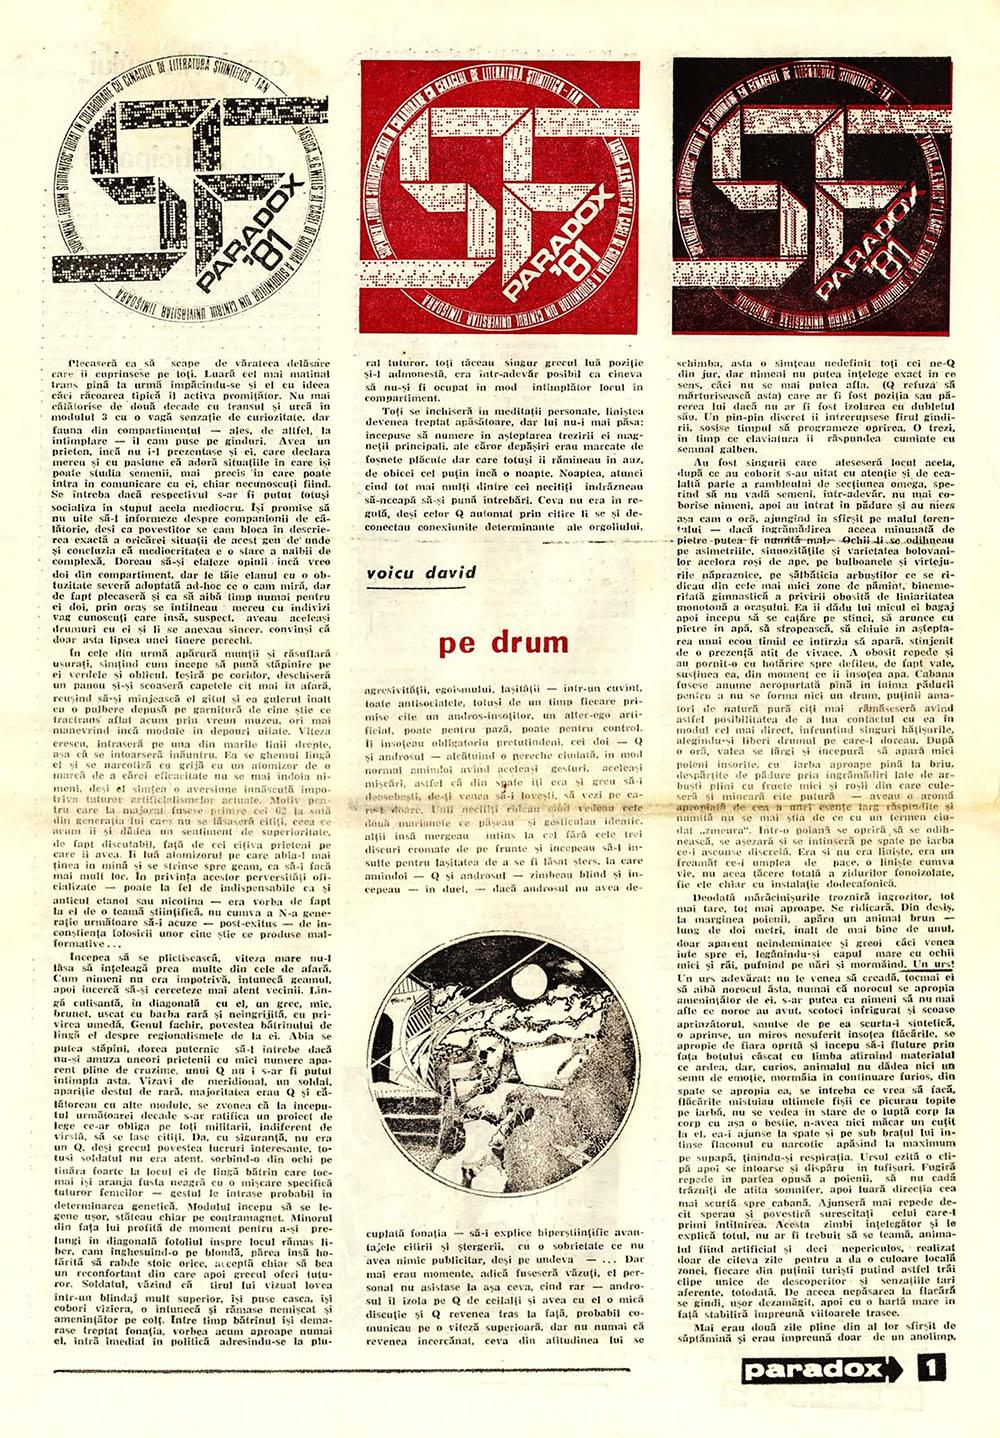 Paradox nr. 7/1981